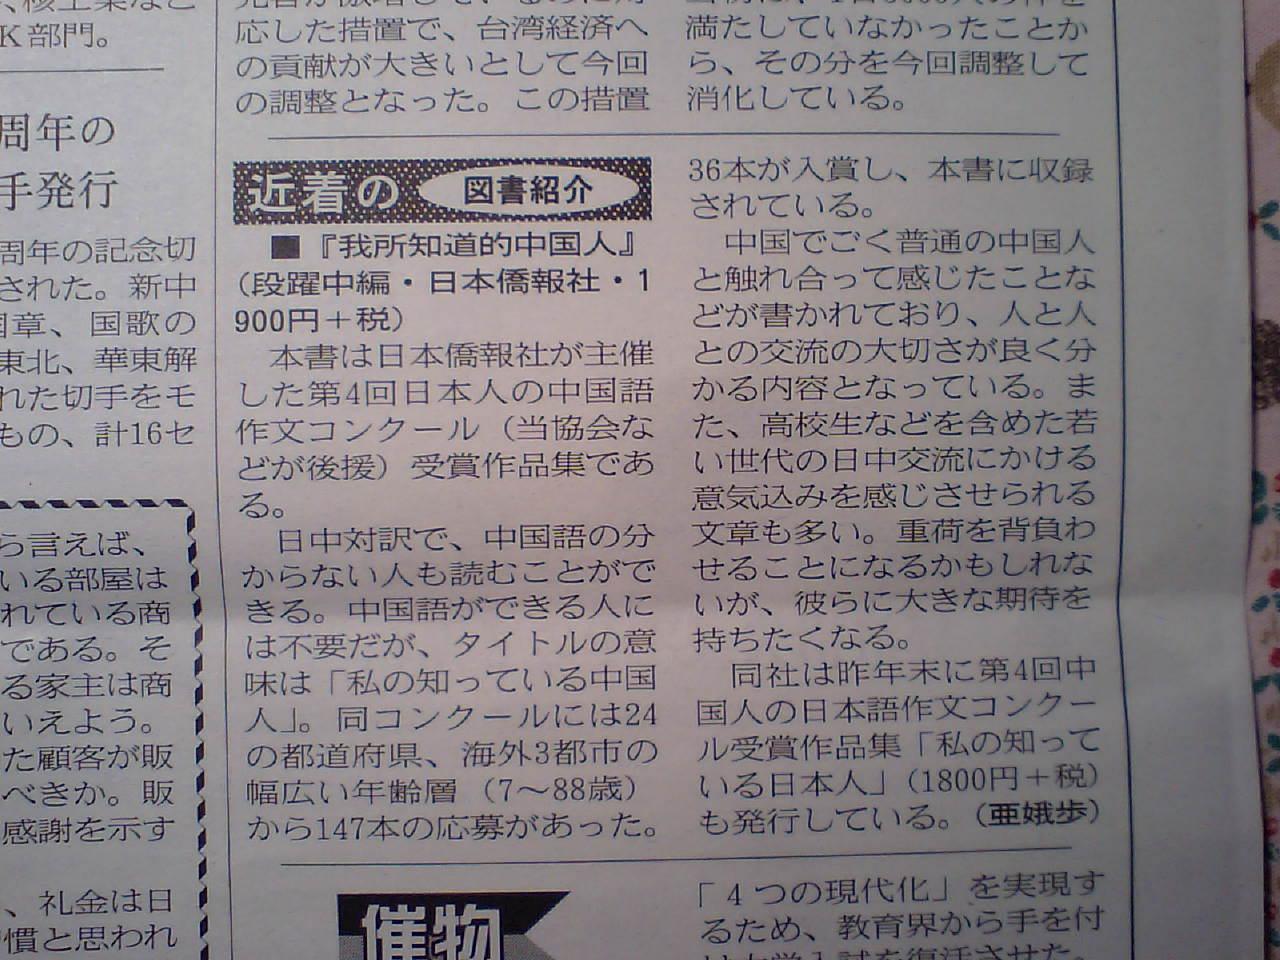 国際貿易新聞28日号_d0027795_20224295.jpg